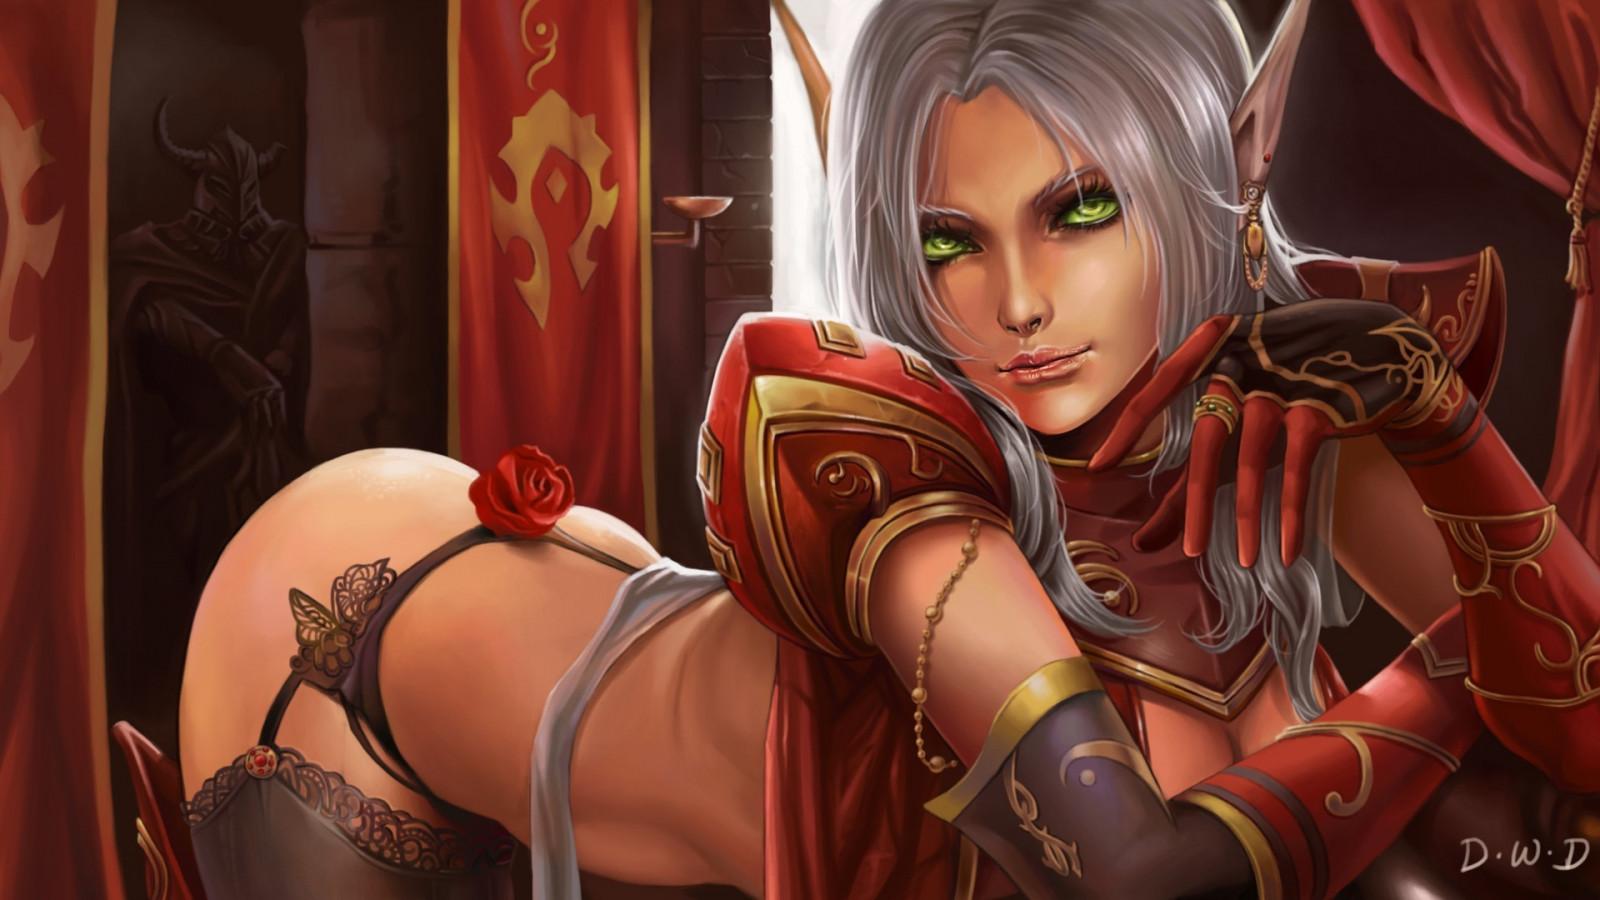 Blood elf hentai sex